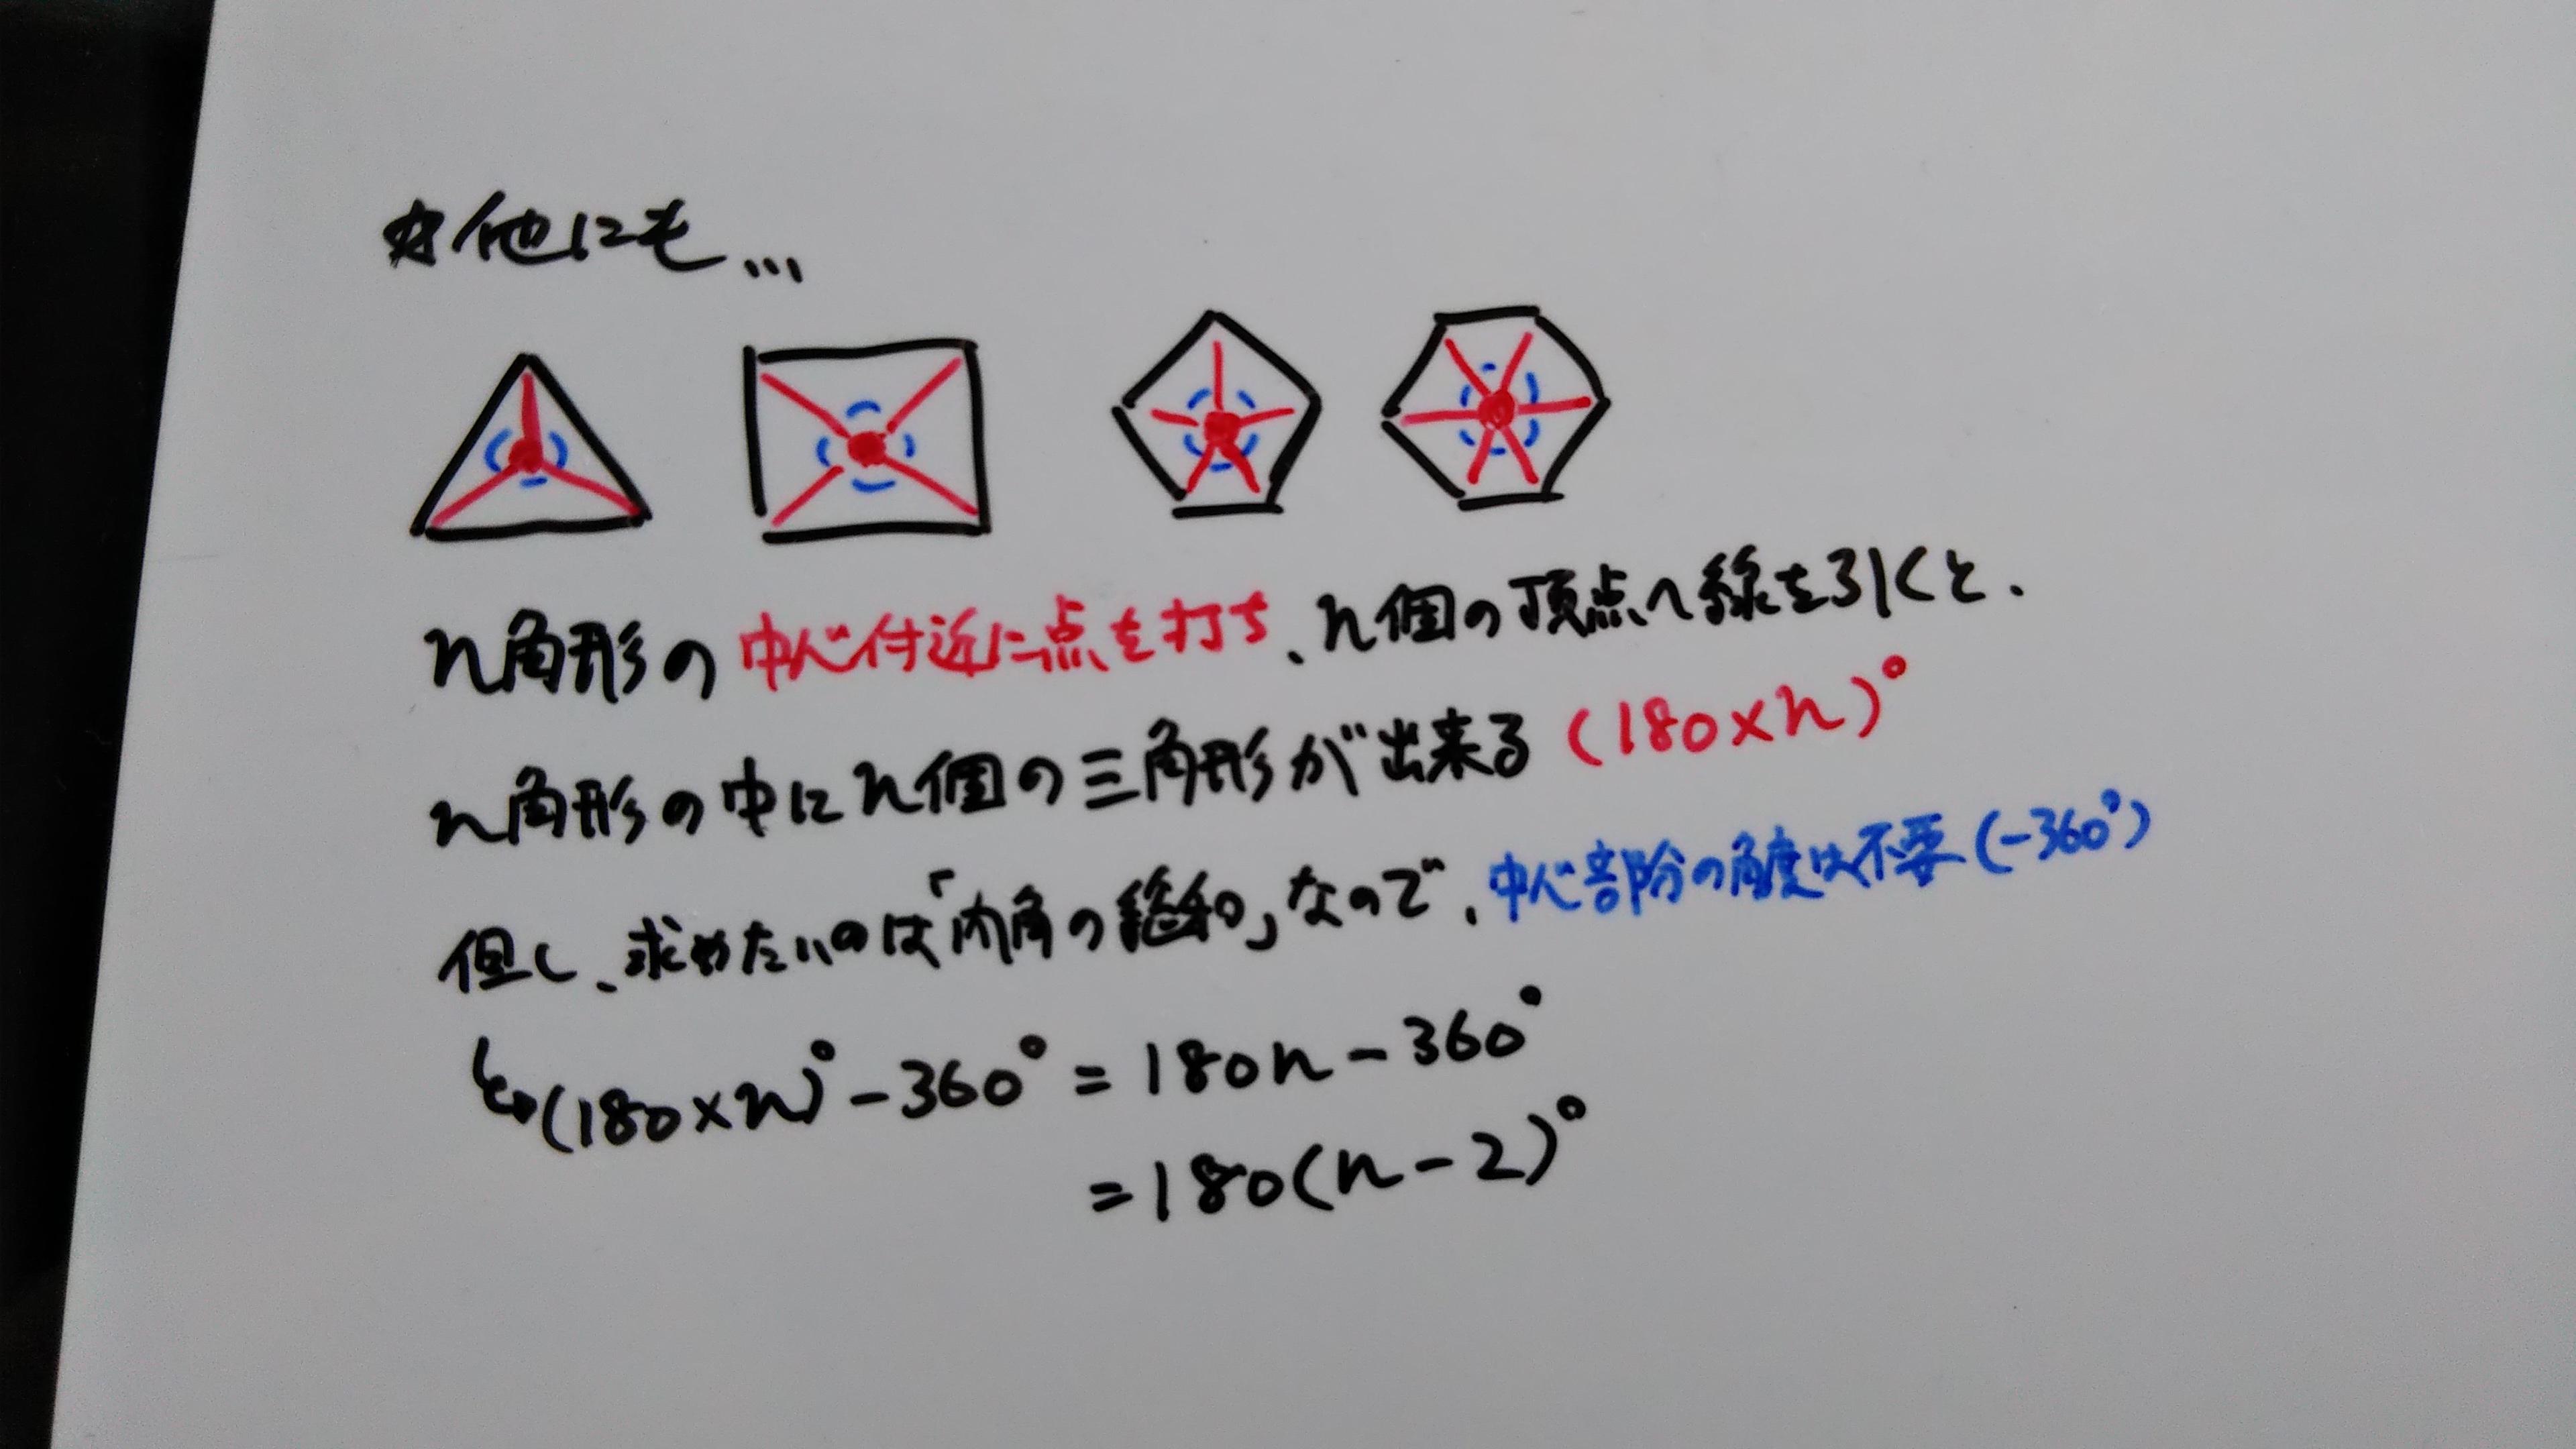 内角 の 和 角形 八 の